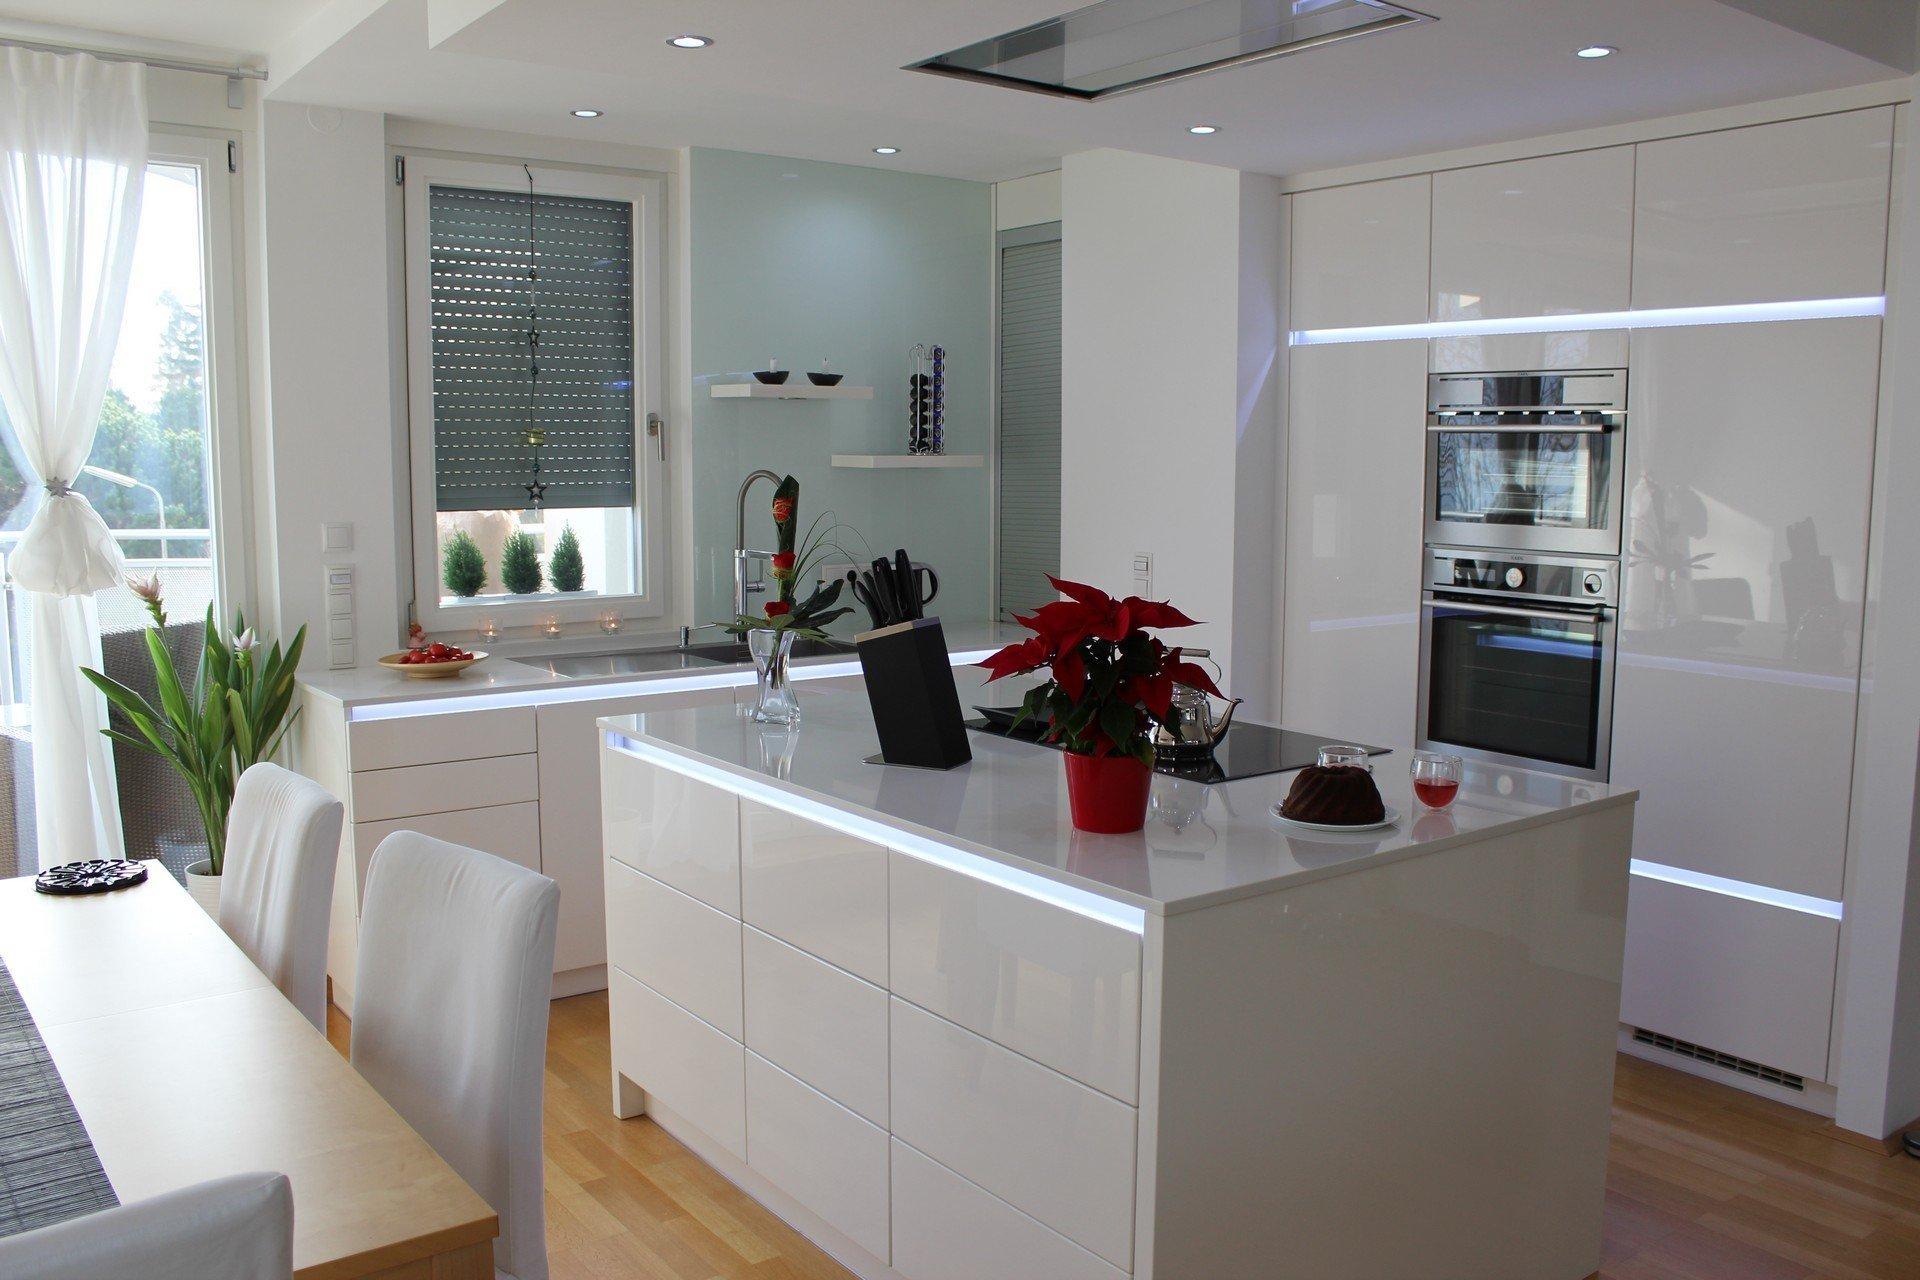 Realizace moderní kuchyně ve Vídni. Kuchyně INFINI - Dvířka lakovaná polyesterovým lakem ve vysokém lesku, výsuvy s el. otvíráním ServoDrive. Pracovní deska…